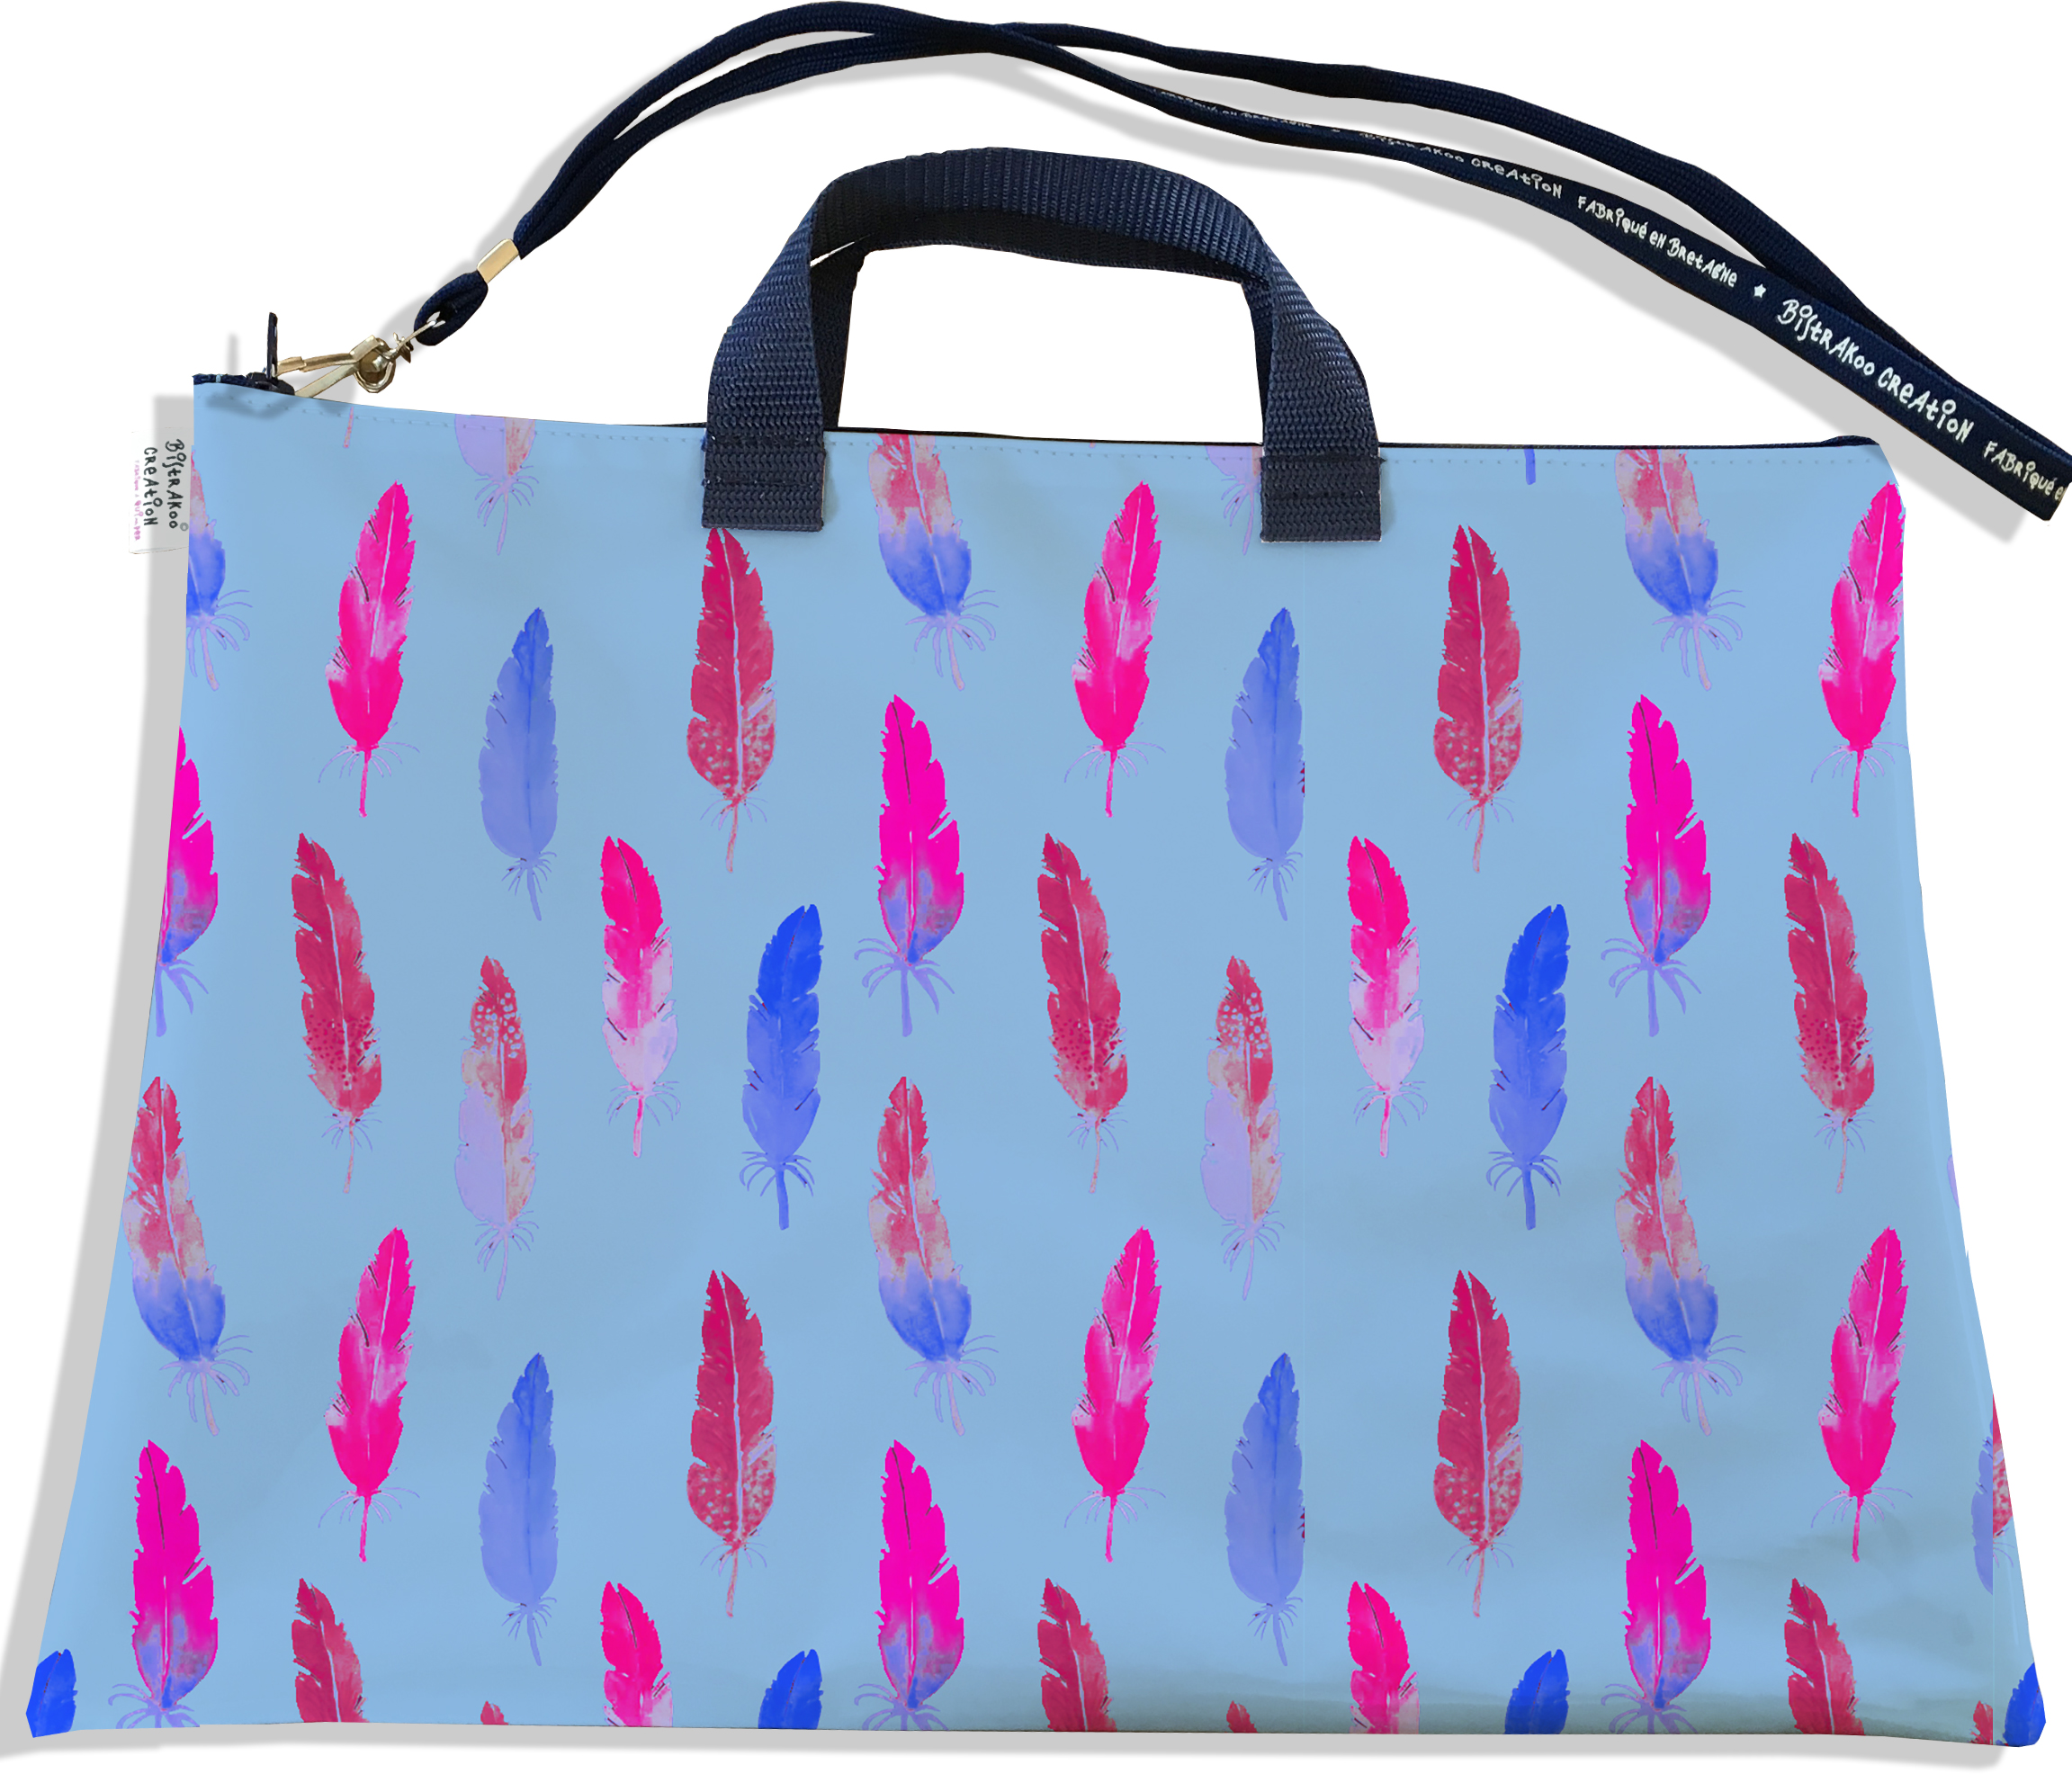 Sacoche ordinateur portable 11 & 13 pouces pour femme motif Plumes multicolores SO5103